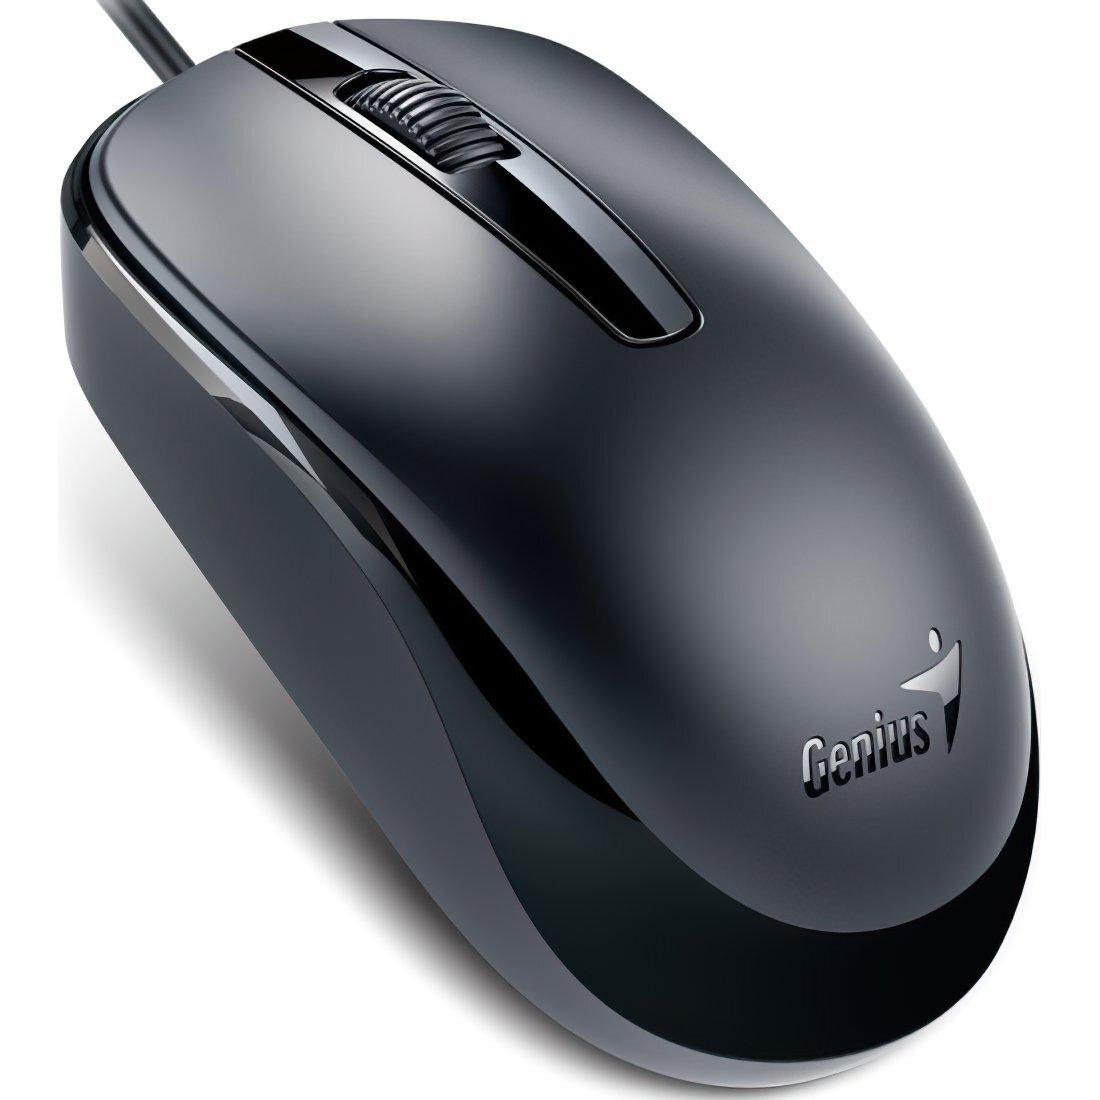 Миша Genius DX-120 USB Black (31010105100) фото1